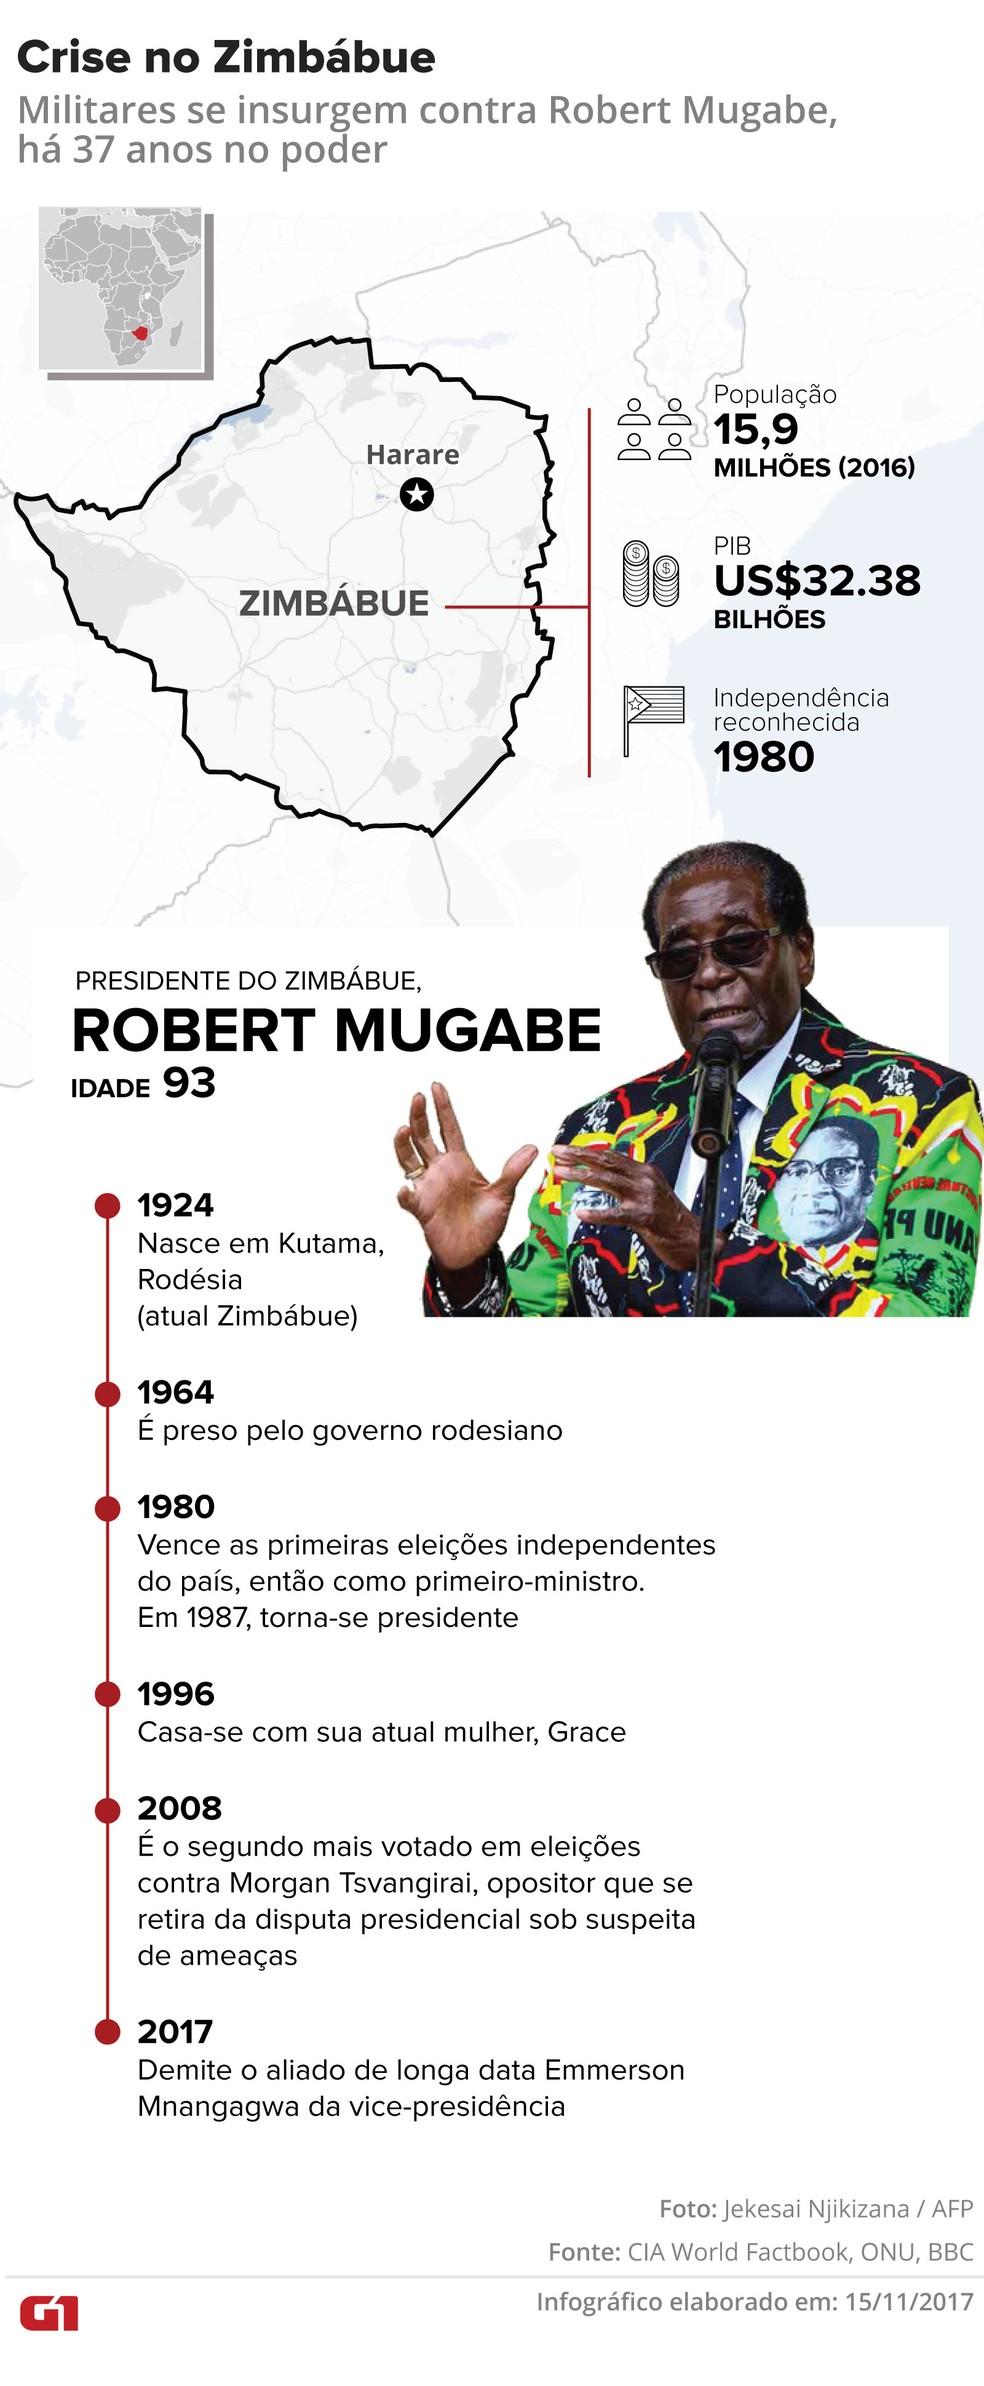 Militares do Zimbábue se insurgem e afastam Robert Mugabe  (Foto: Karina Almeida/Editoria de Arte)